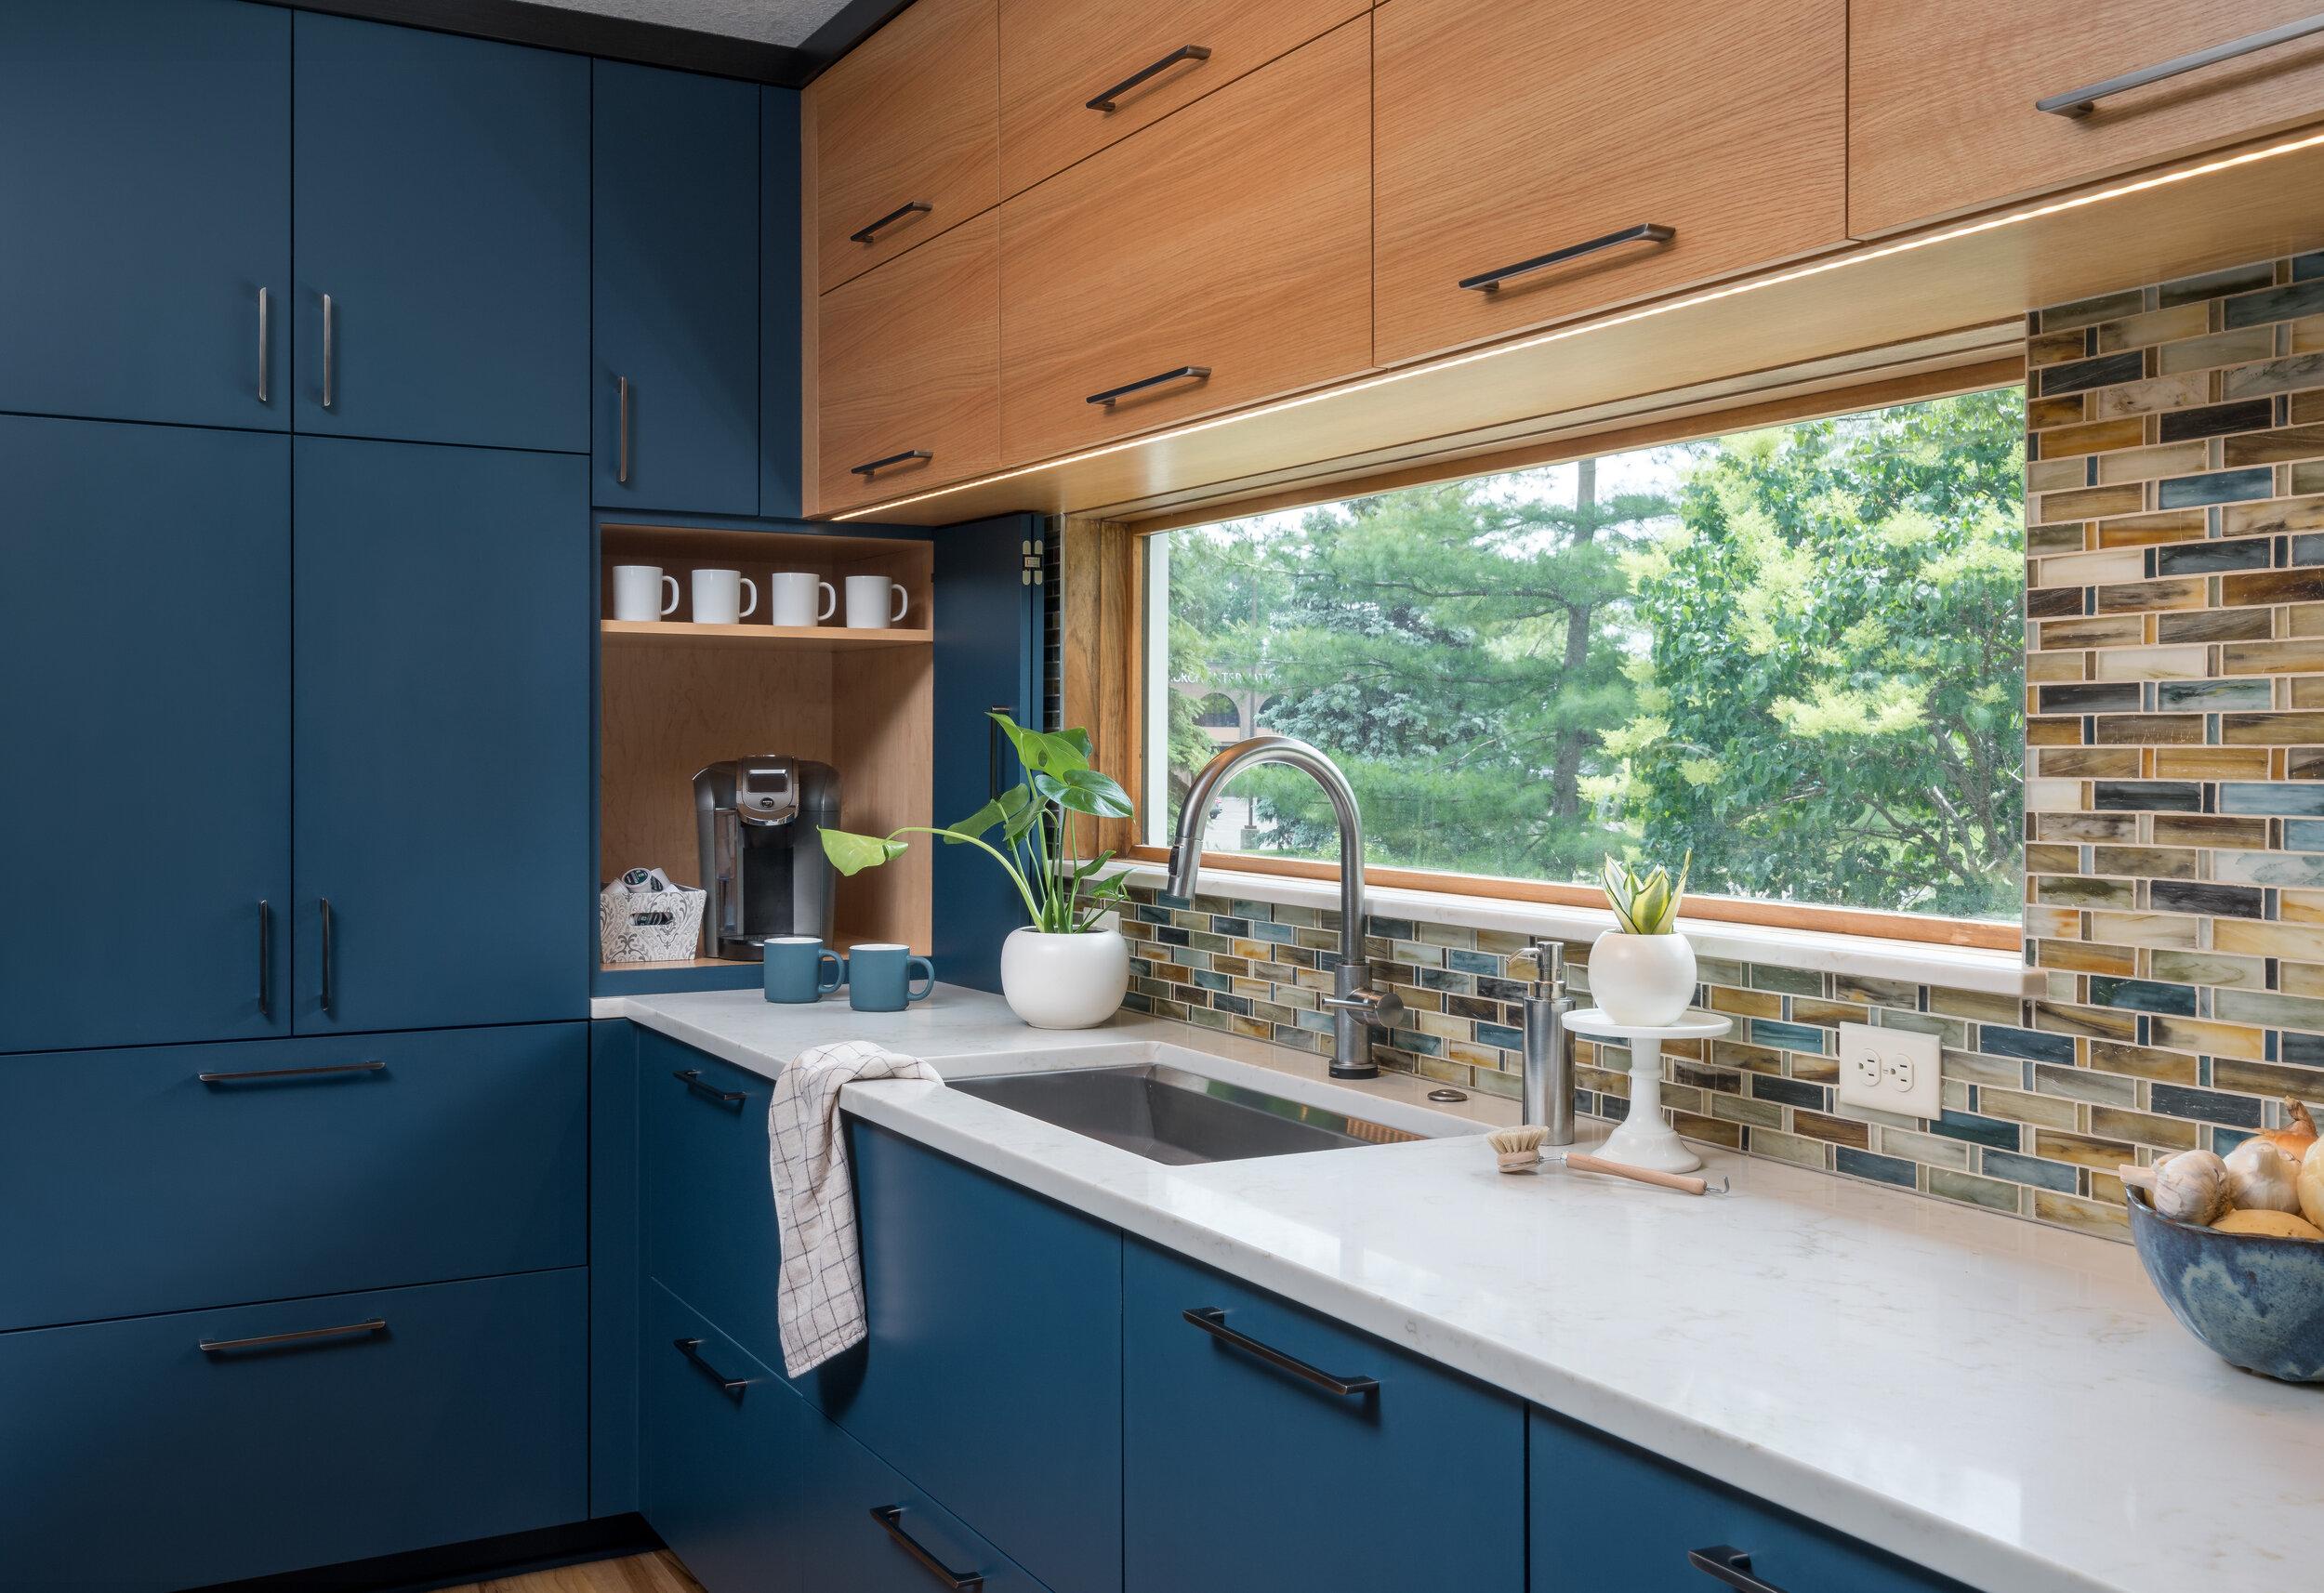 web_Lieberman_Residence-Kitchen_Sink_Window_Cabinet_Open.jpg